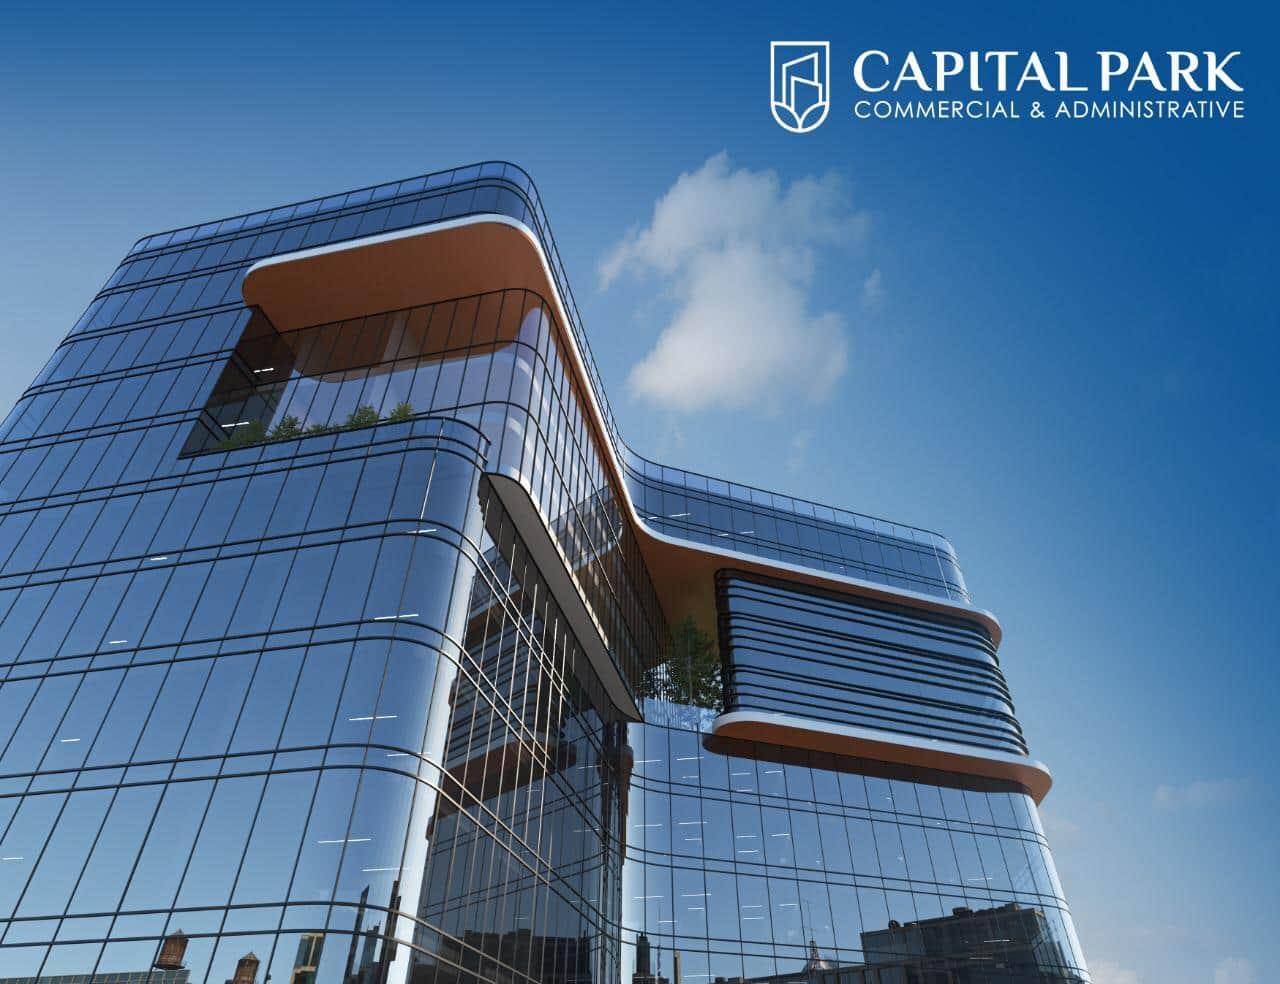 كابيتال بارك تاور العاصمة الادارية الجديدة